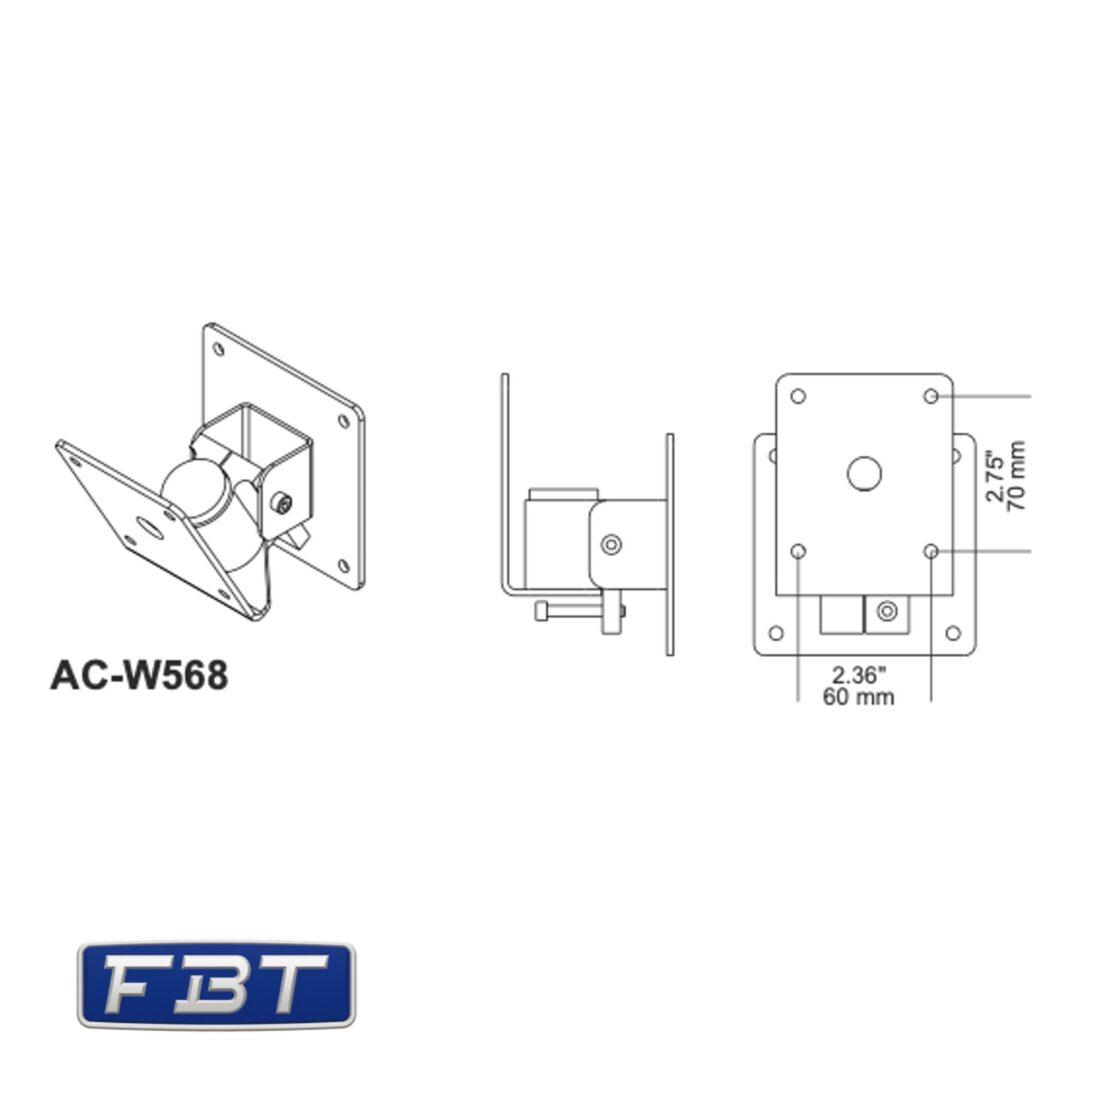 FBT AC-W568 dimensions